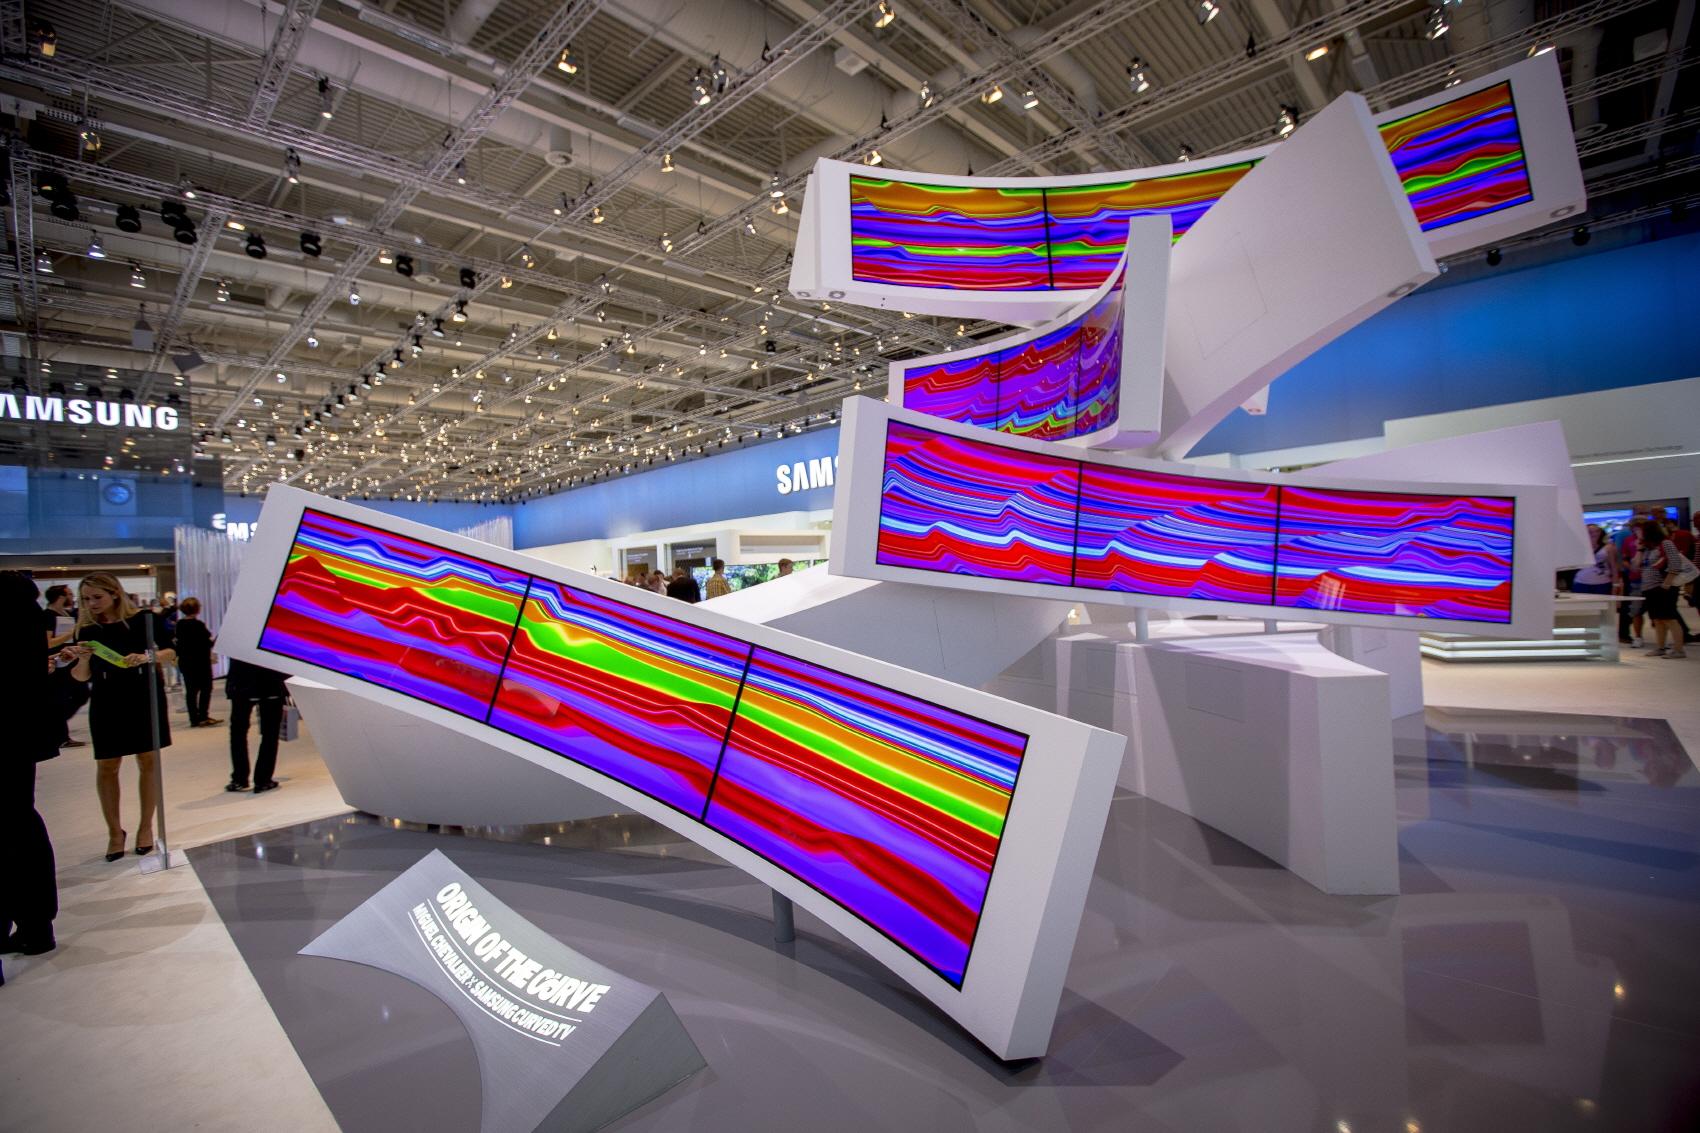 삼성 커브드 UHD TV가 모여 만들어진 예술 작품입니다. 이 작품은 삼성전자와 유명 예술가인 '미구엘 슈발리에(Miguel Chevalier)'씨가 콜라보레이션을 해서 만든 조형물 커브의 기원입니다.